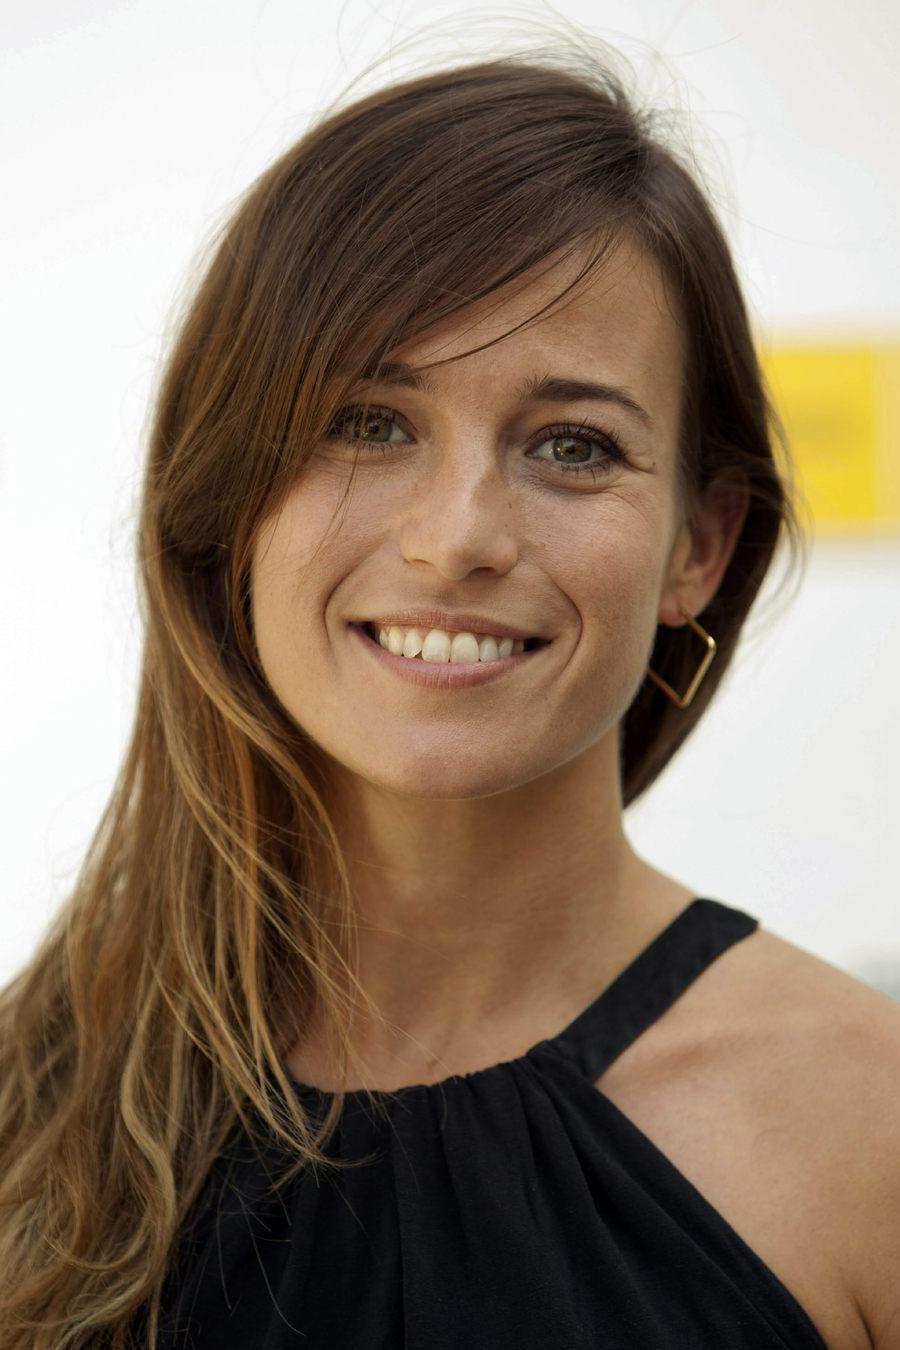 Milou Van Groesen